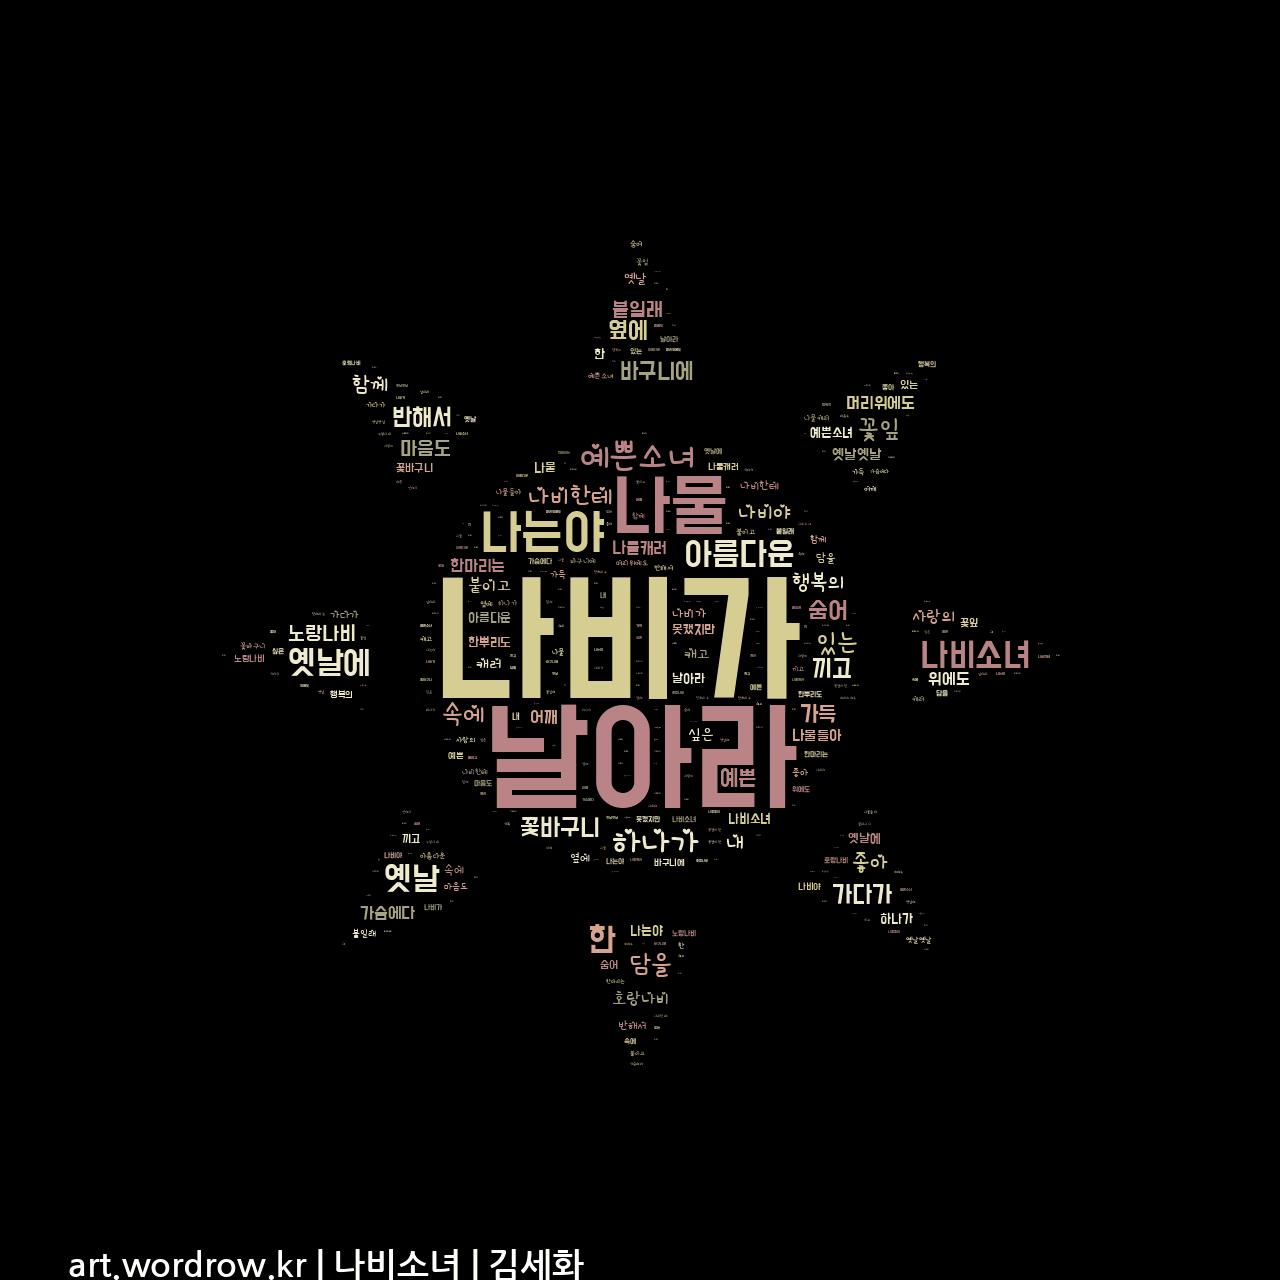 워드 클라우드: 나비소녀 [김세화]-22